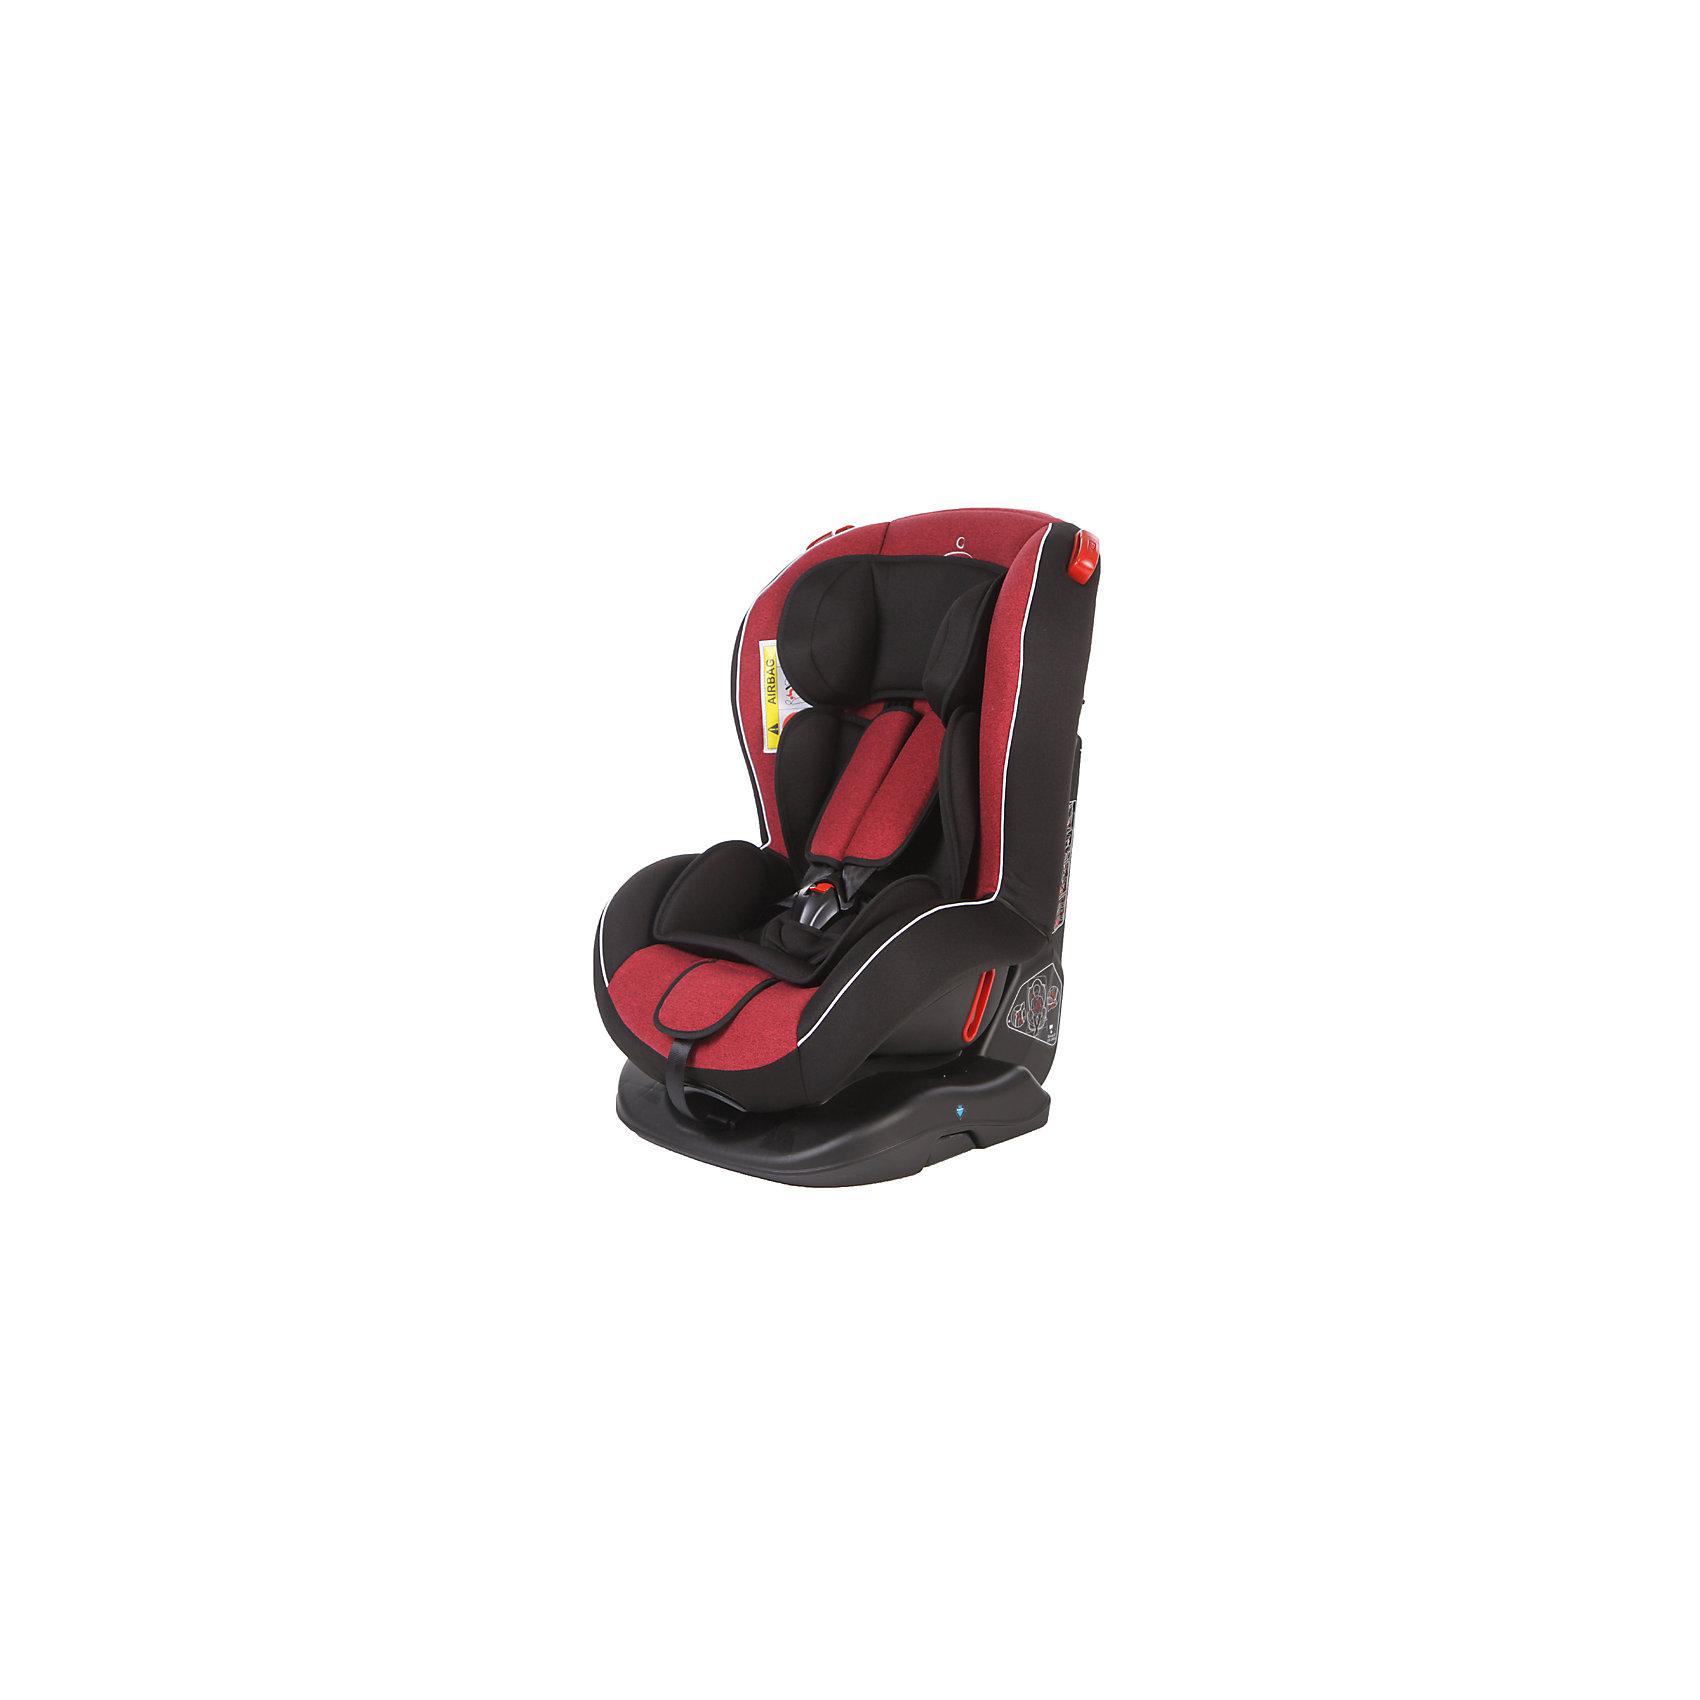 Автокресло Basic Evolution 0-25 кг, Baby Care, красный/чёрный